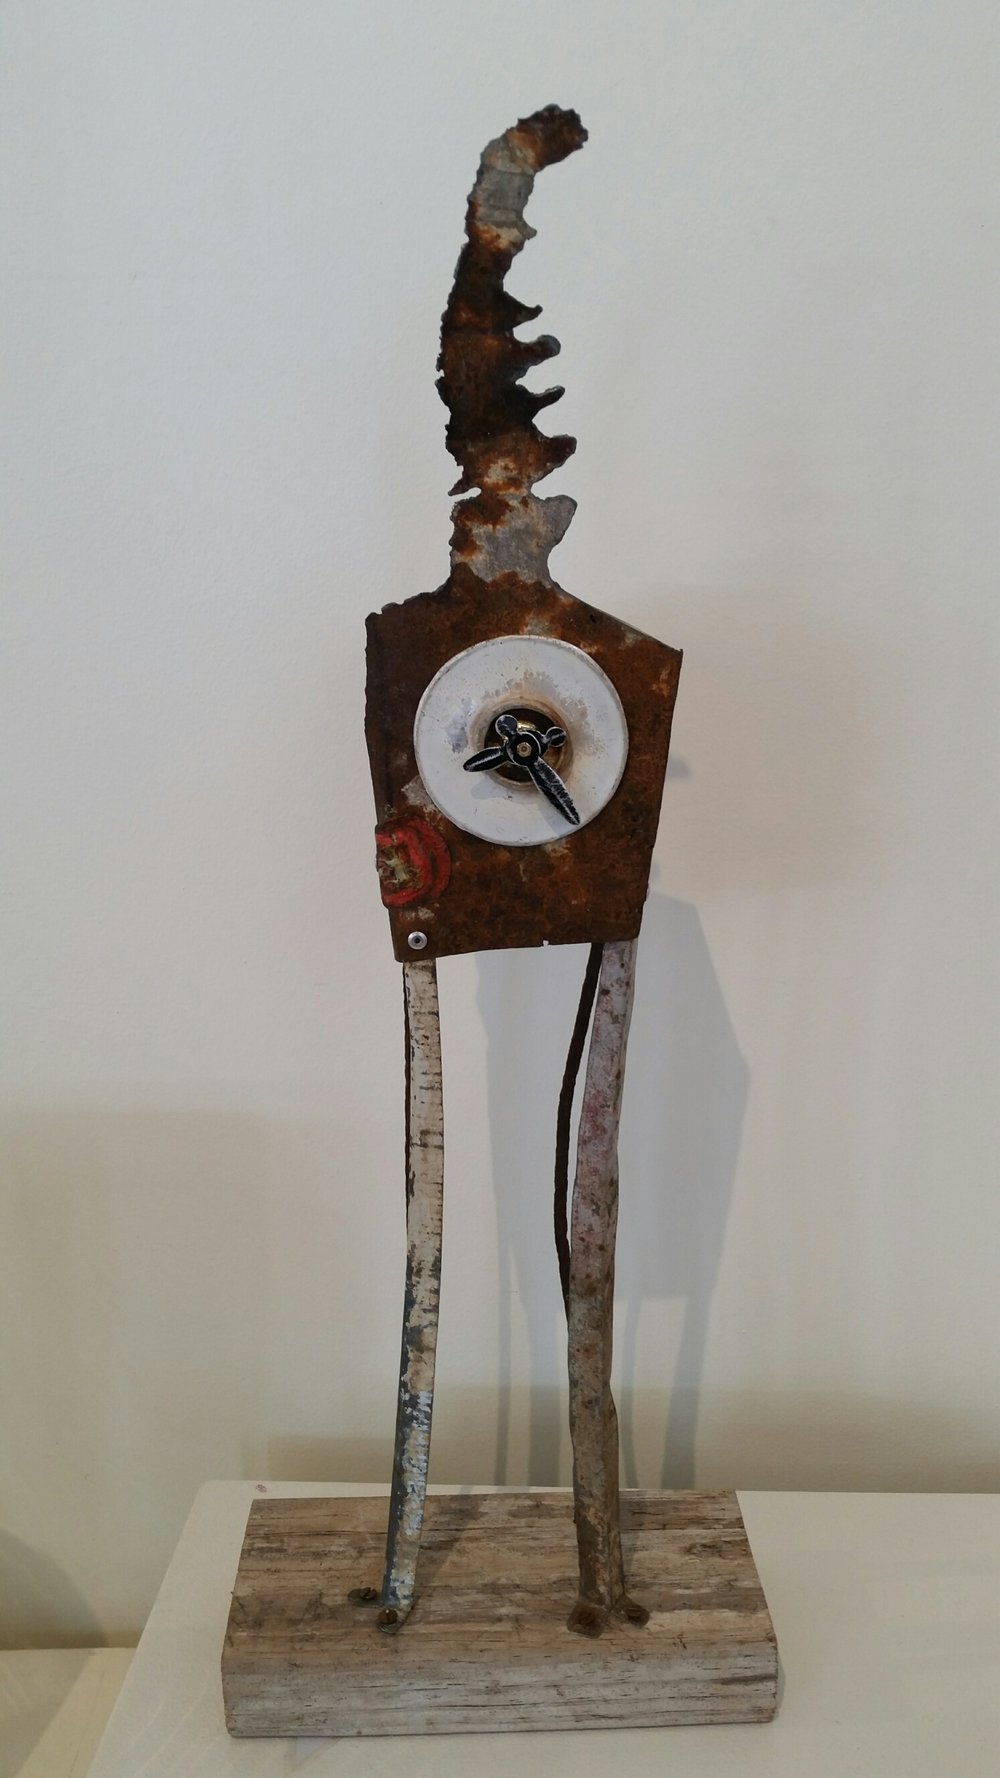 Title: Tall Plasma Clock